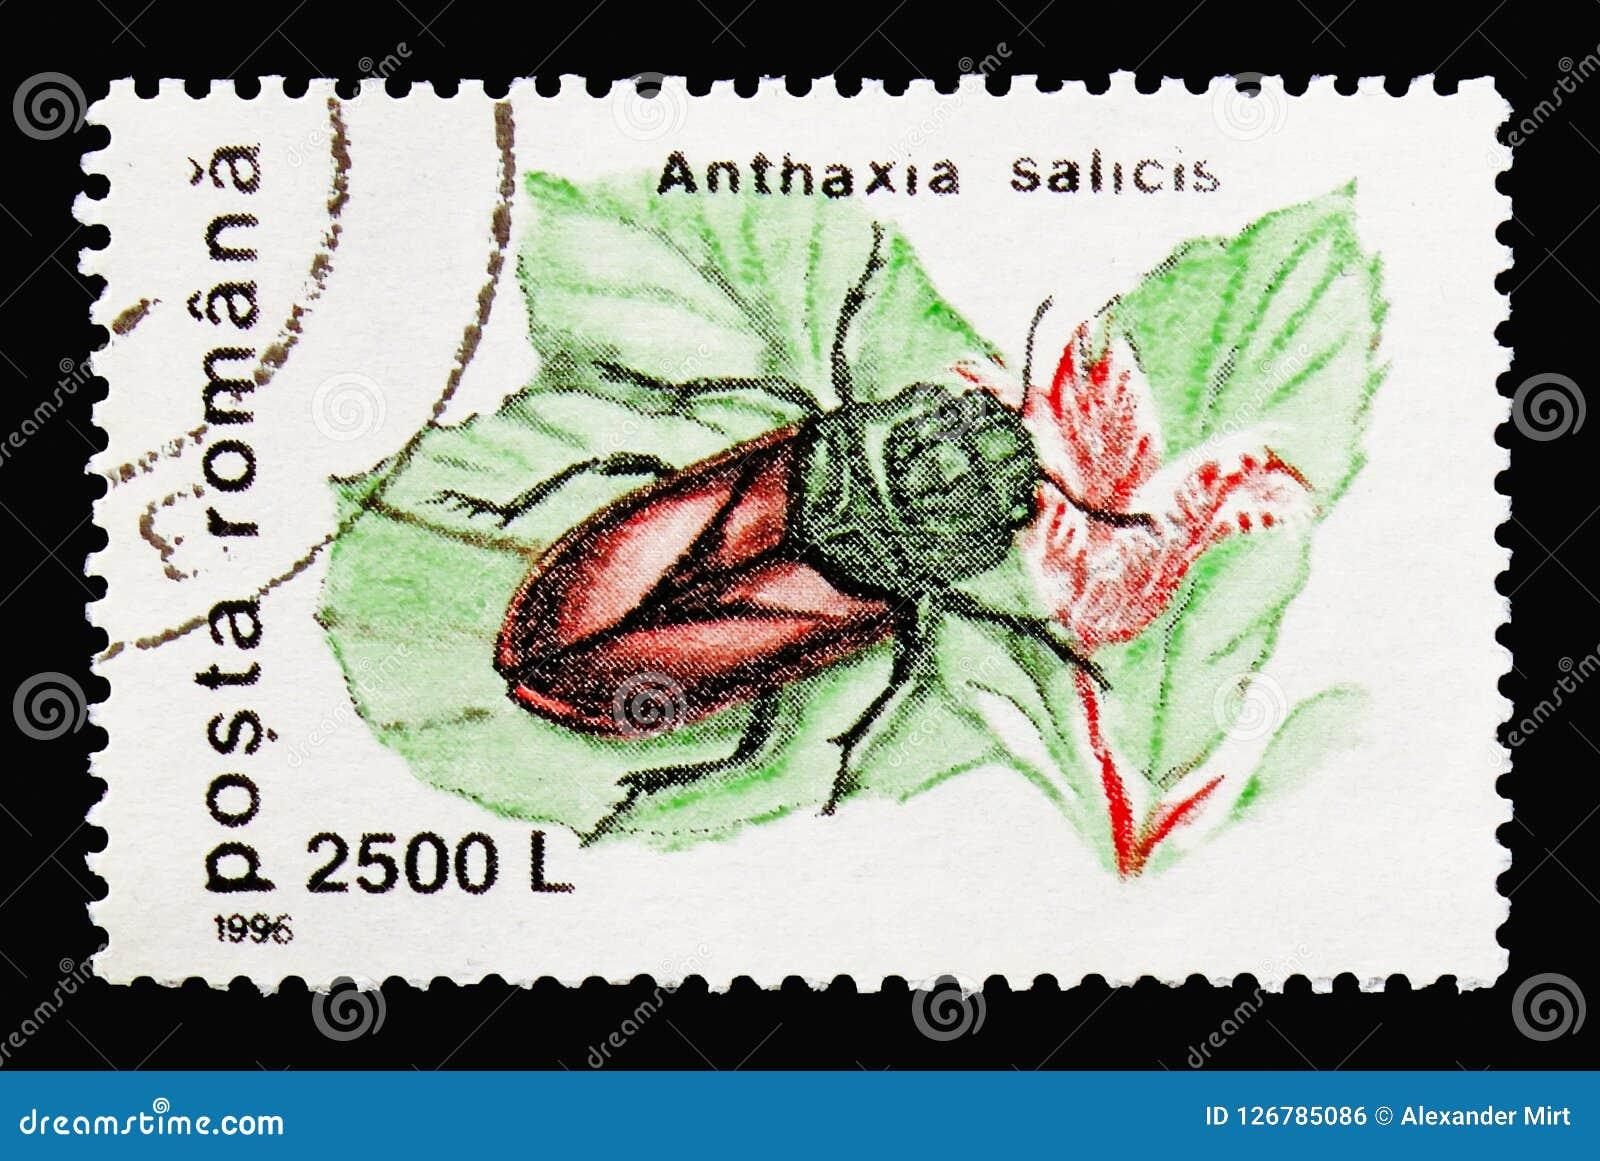 Weiden Sie Pracht-Käfer Anthaxia-salicis, Käfer serie, circ